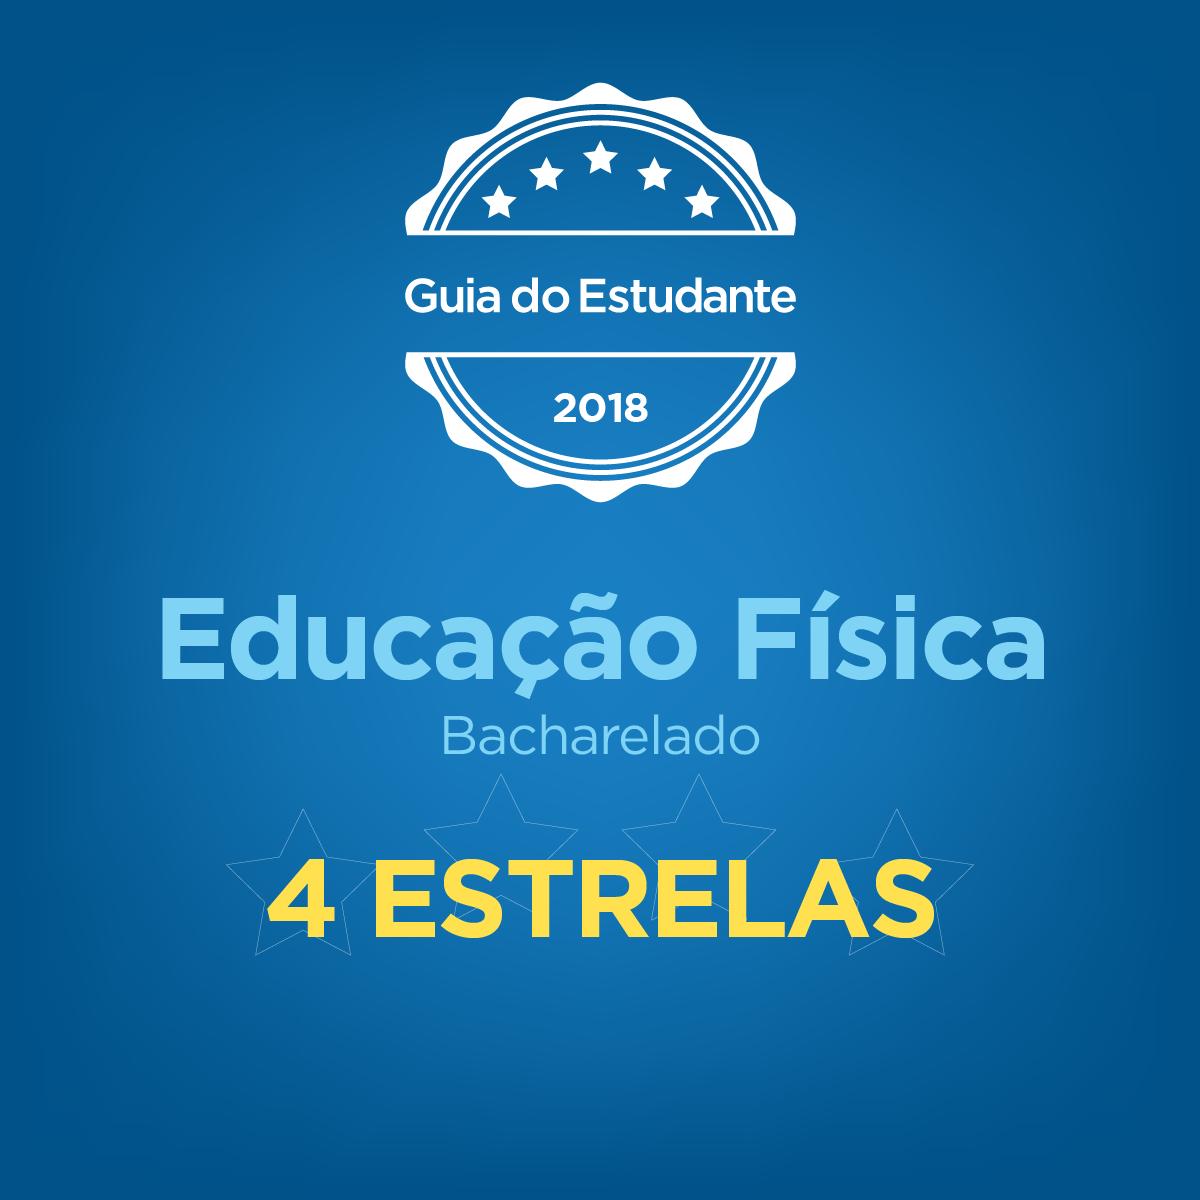 Guia do Estudante 2017 - Educação Física (Bacharelado)